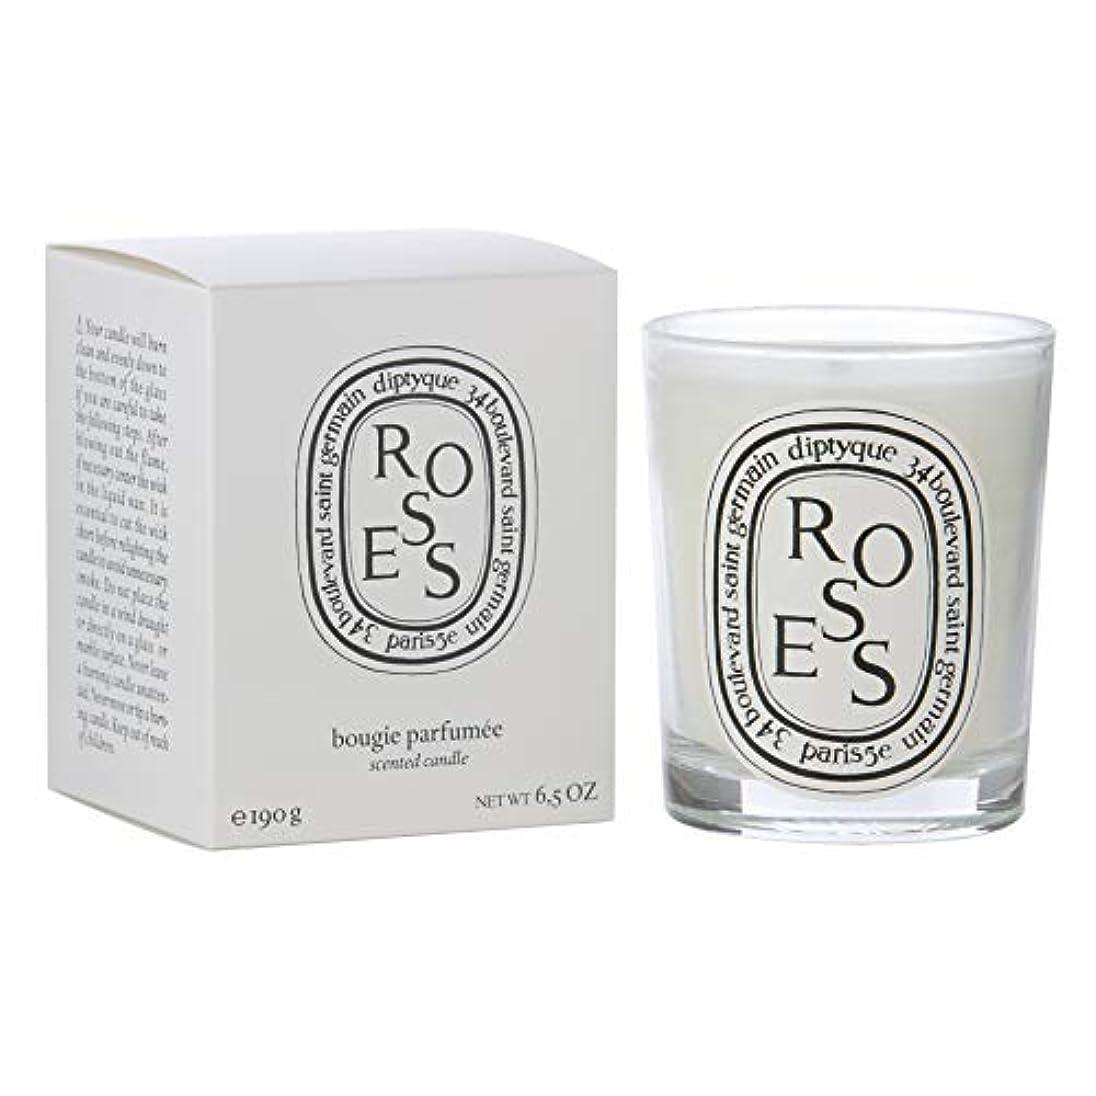 ダイジェスト邪魔する地図[Diptyque] Diptyqueバラの香りのキャンドル190グラム - Diptyque Roses Scented Candle 190g [並行輸入品]